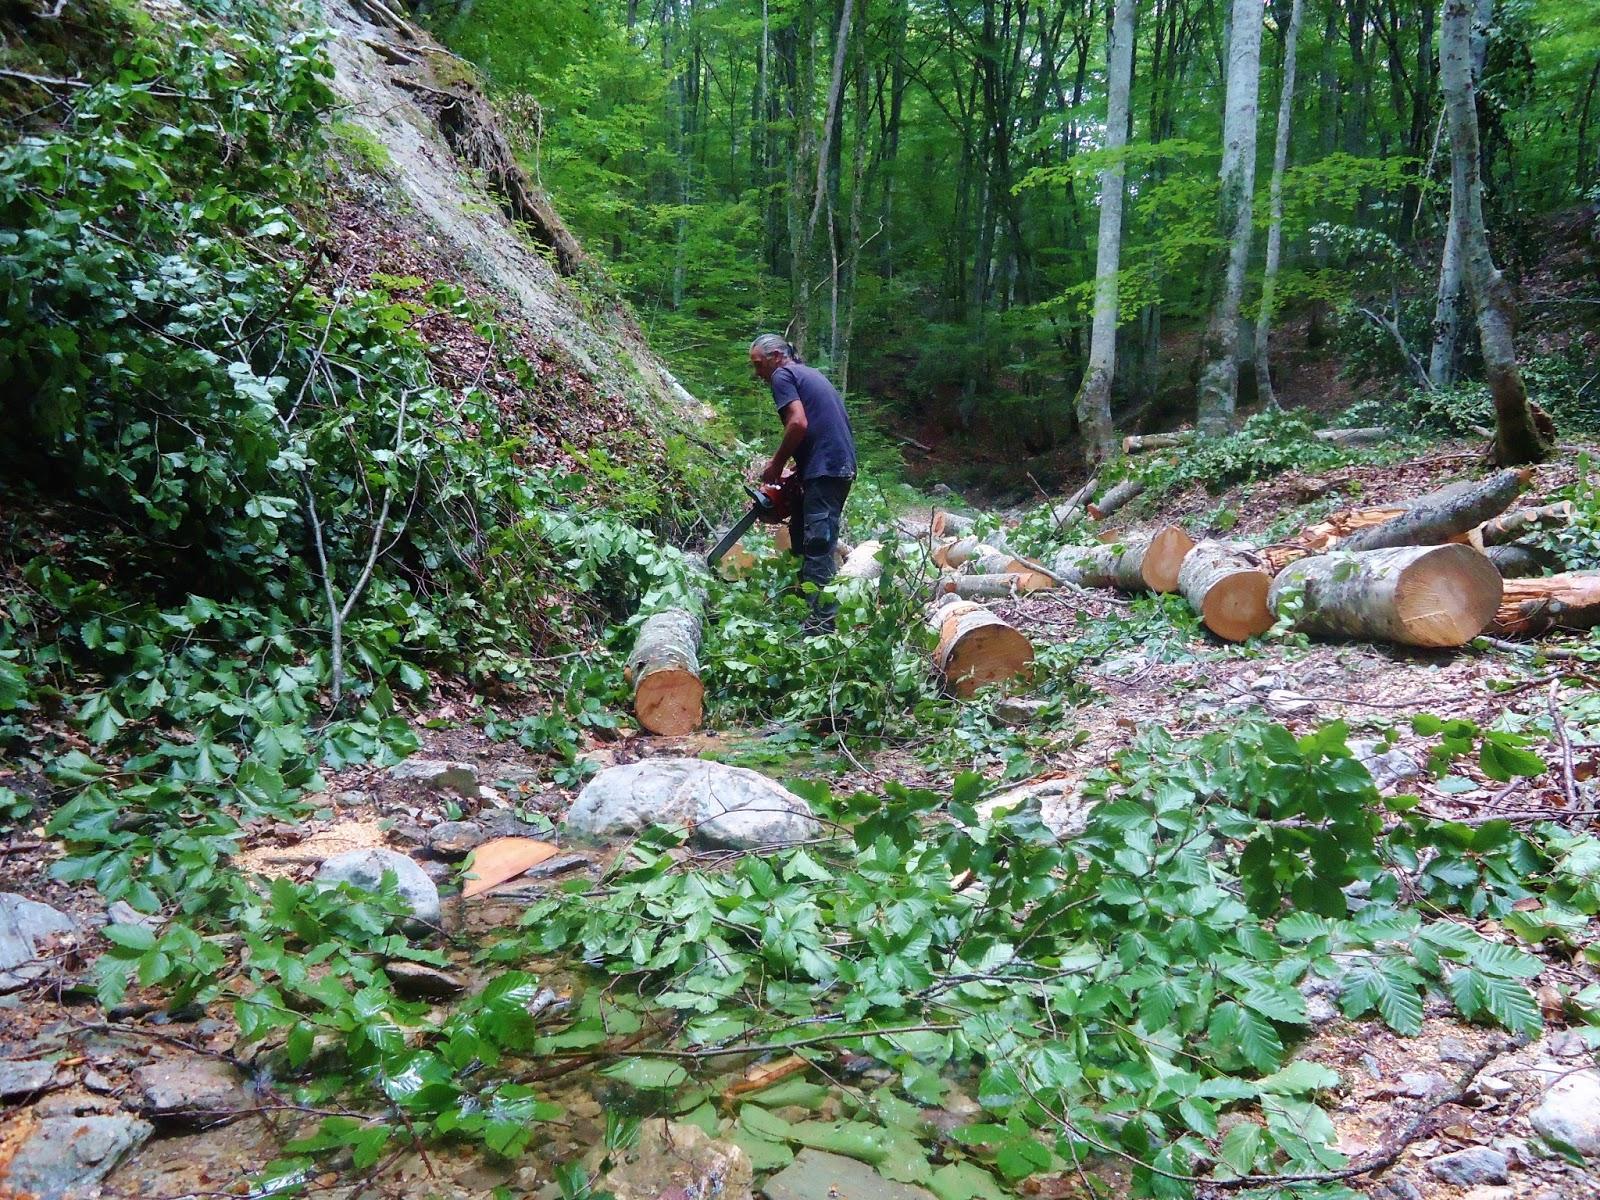 Σχέδιο δράσης για πρόληψη των δασικών πυρκαγιών παρουσίασε ο Σ. Φάμελλος